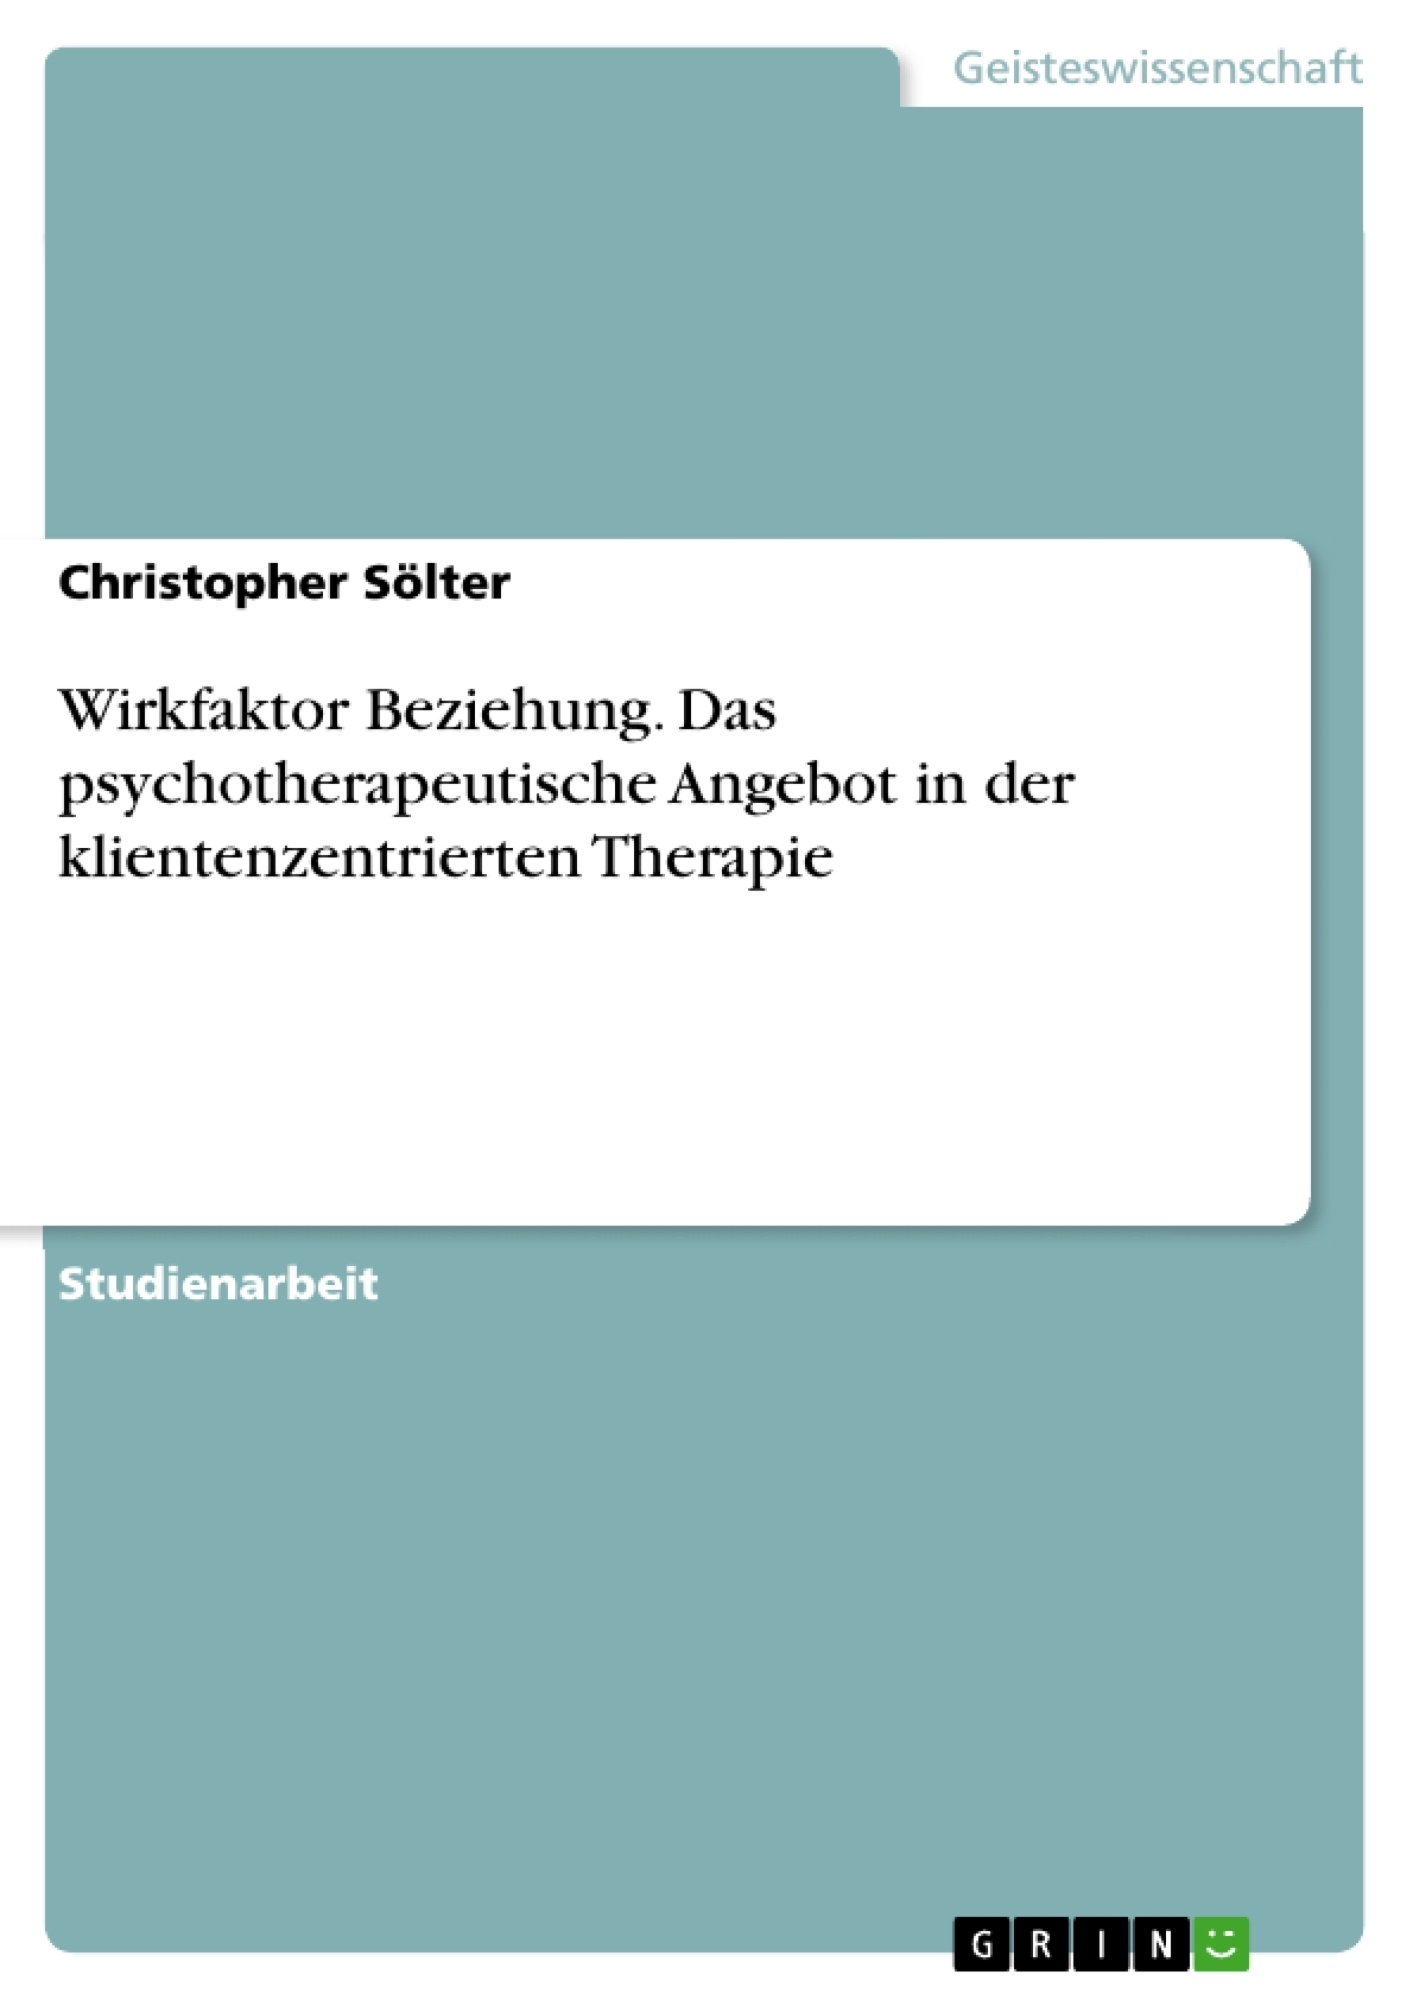 Titel: Wirkfaktor Beziehung. Das psychotherapeutische Angebot in der klientenzentrierten Therapie